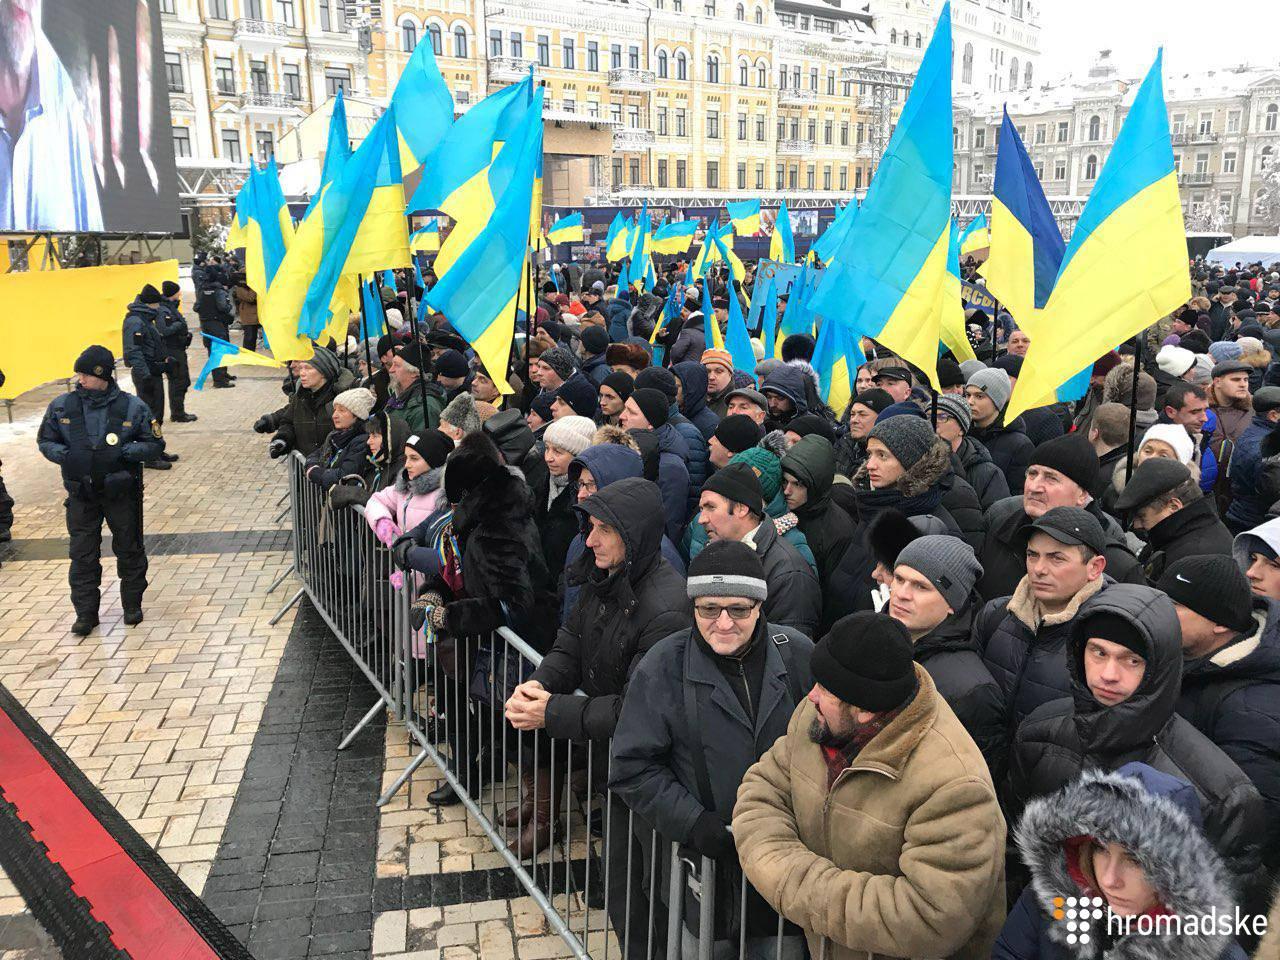 Віряни на Софійській площі в очікуванні початку Об'єднавчого собору